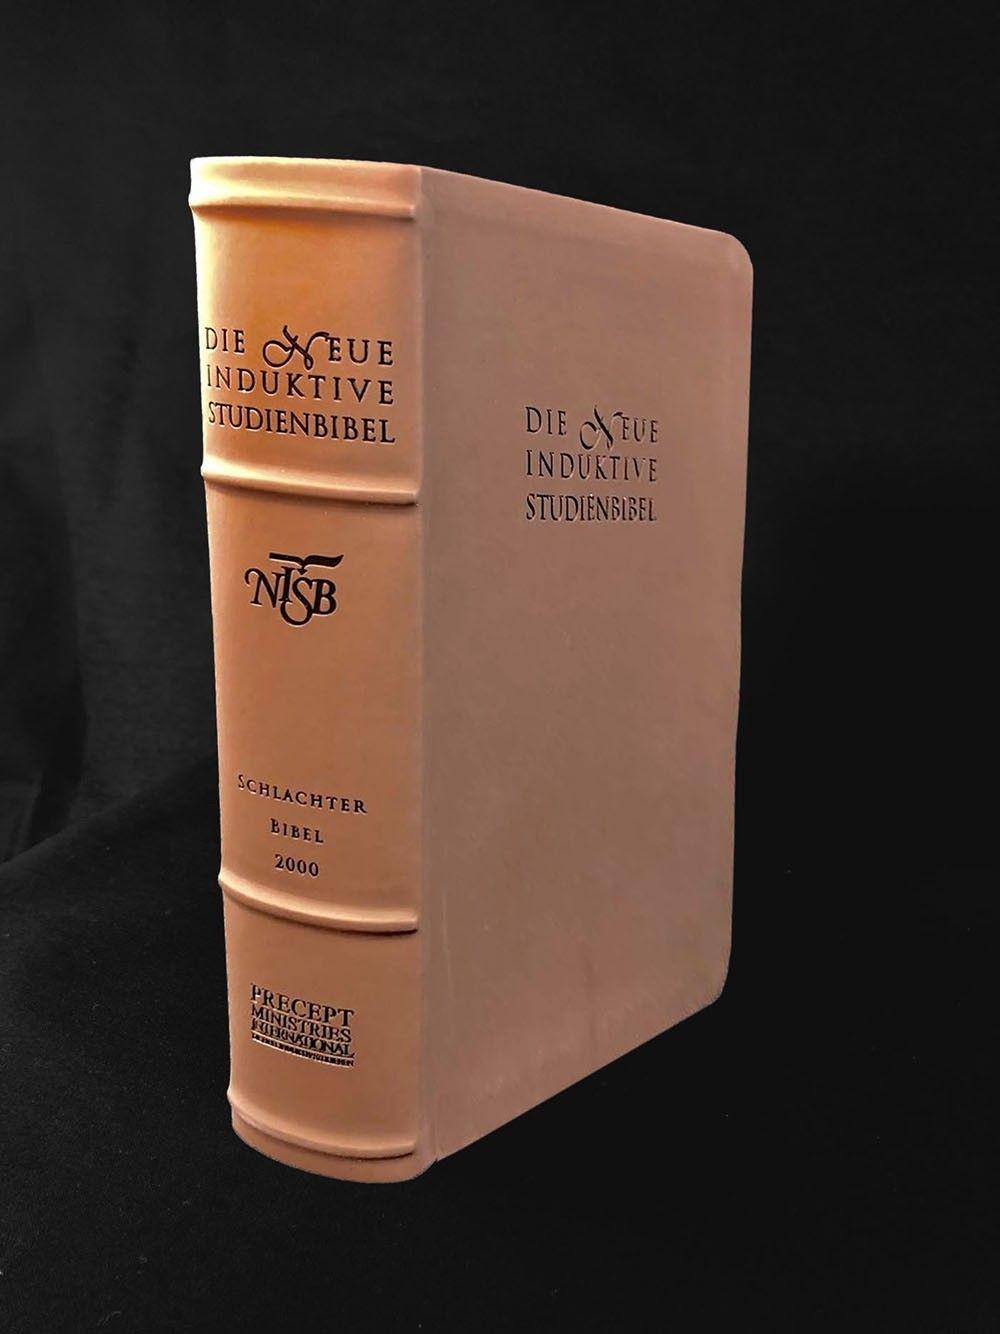 Die Neue Induktive Studienbibel - Schlachter